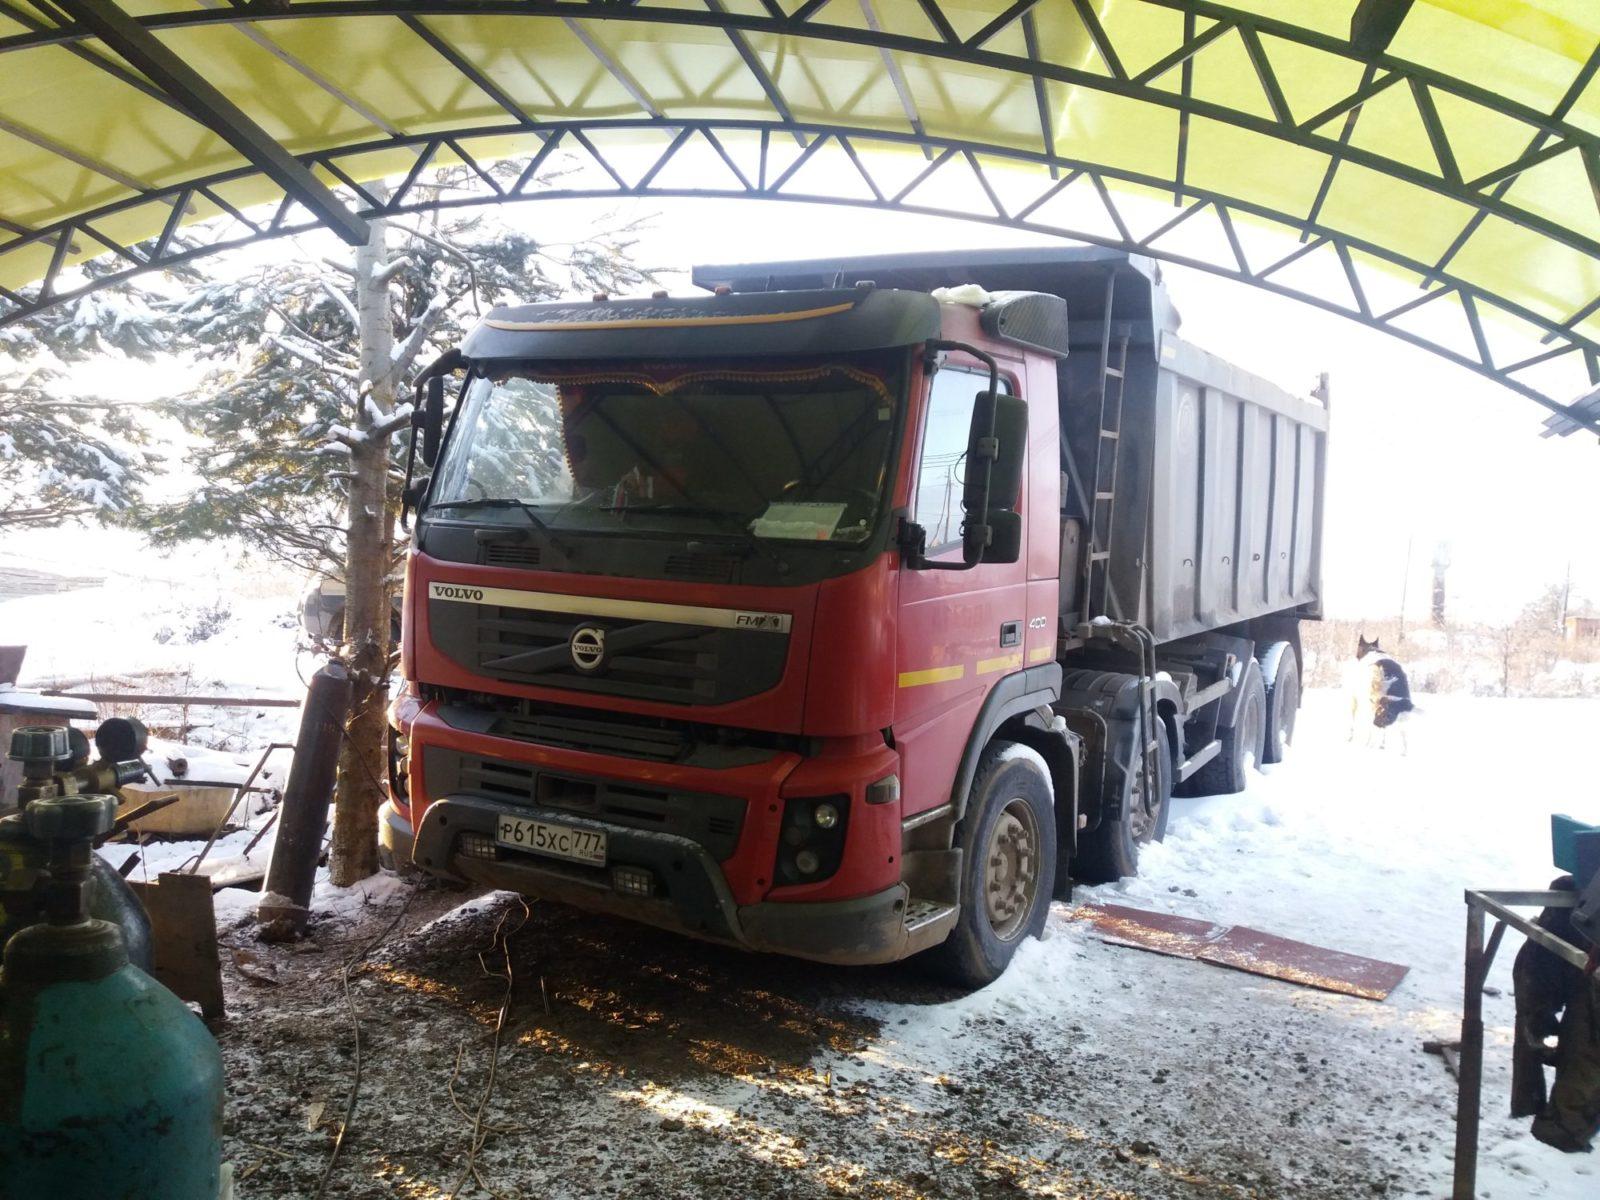 Сварочный ремонт гидроцилиндра на грузовике